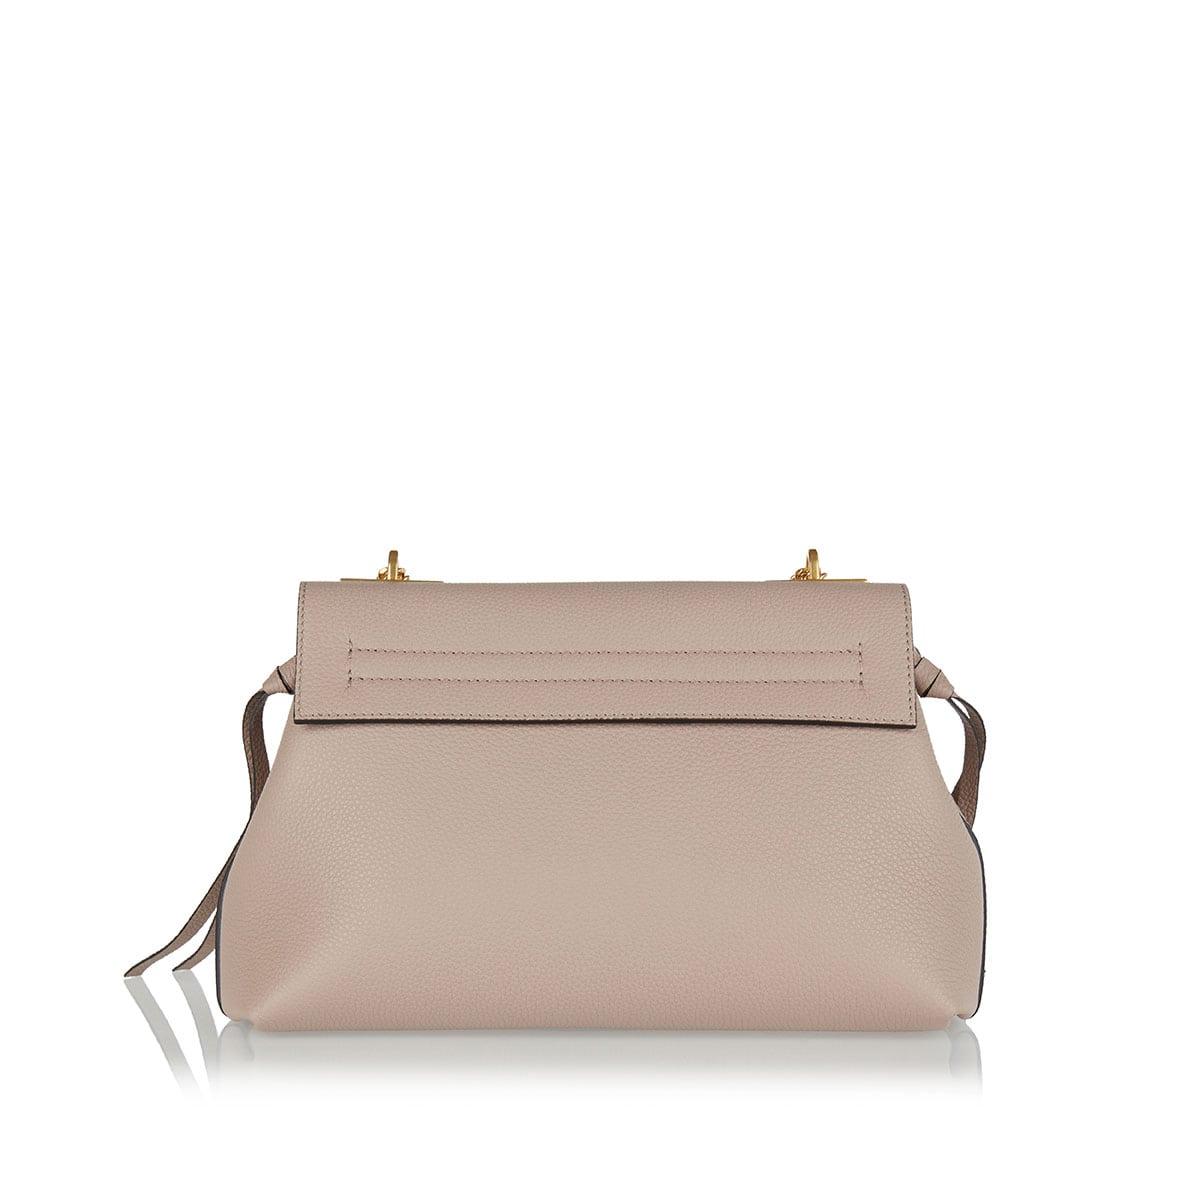 V-RING leather shoulder bag